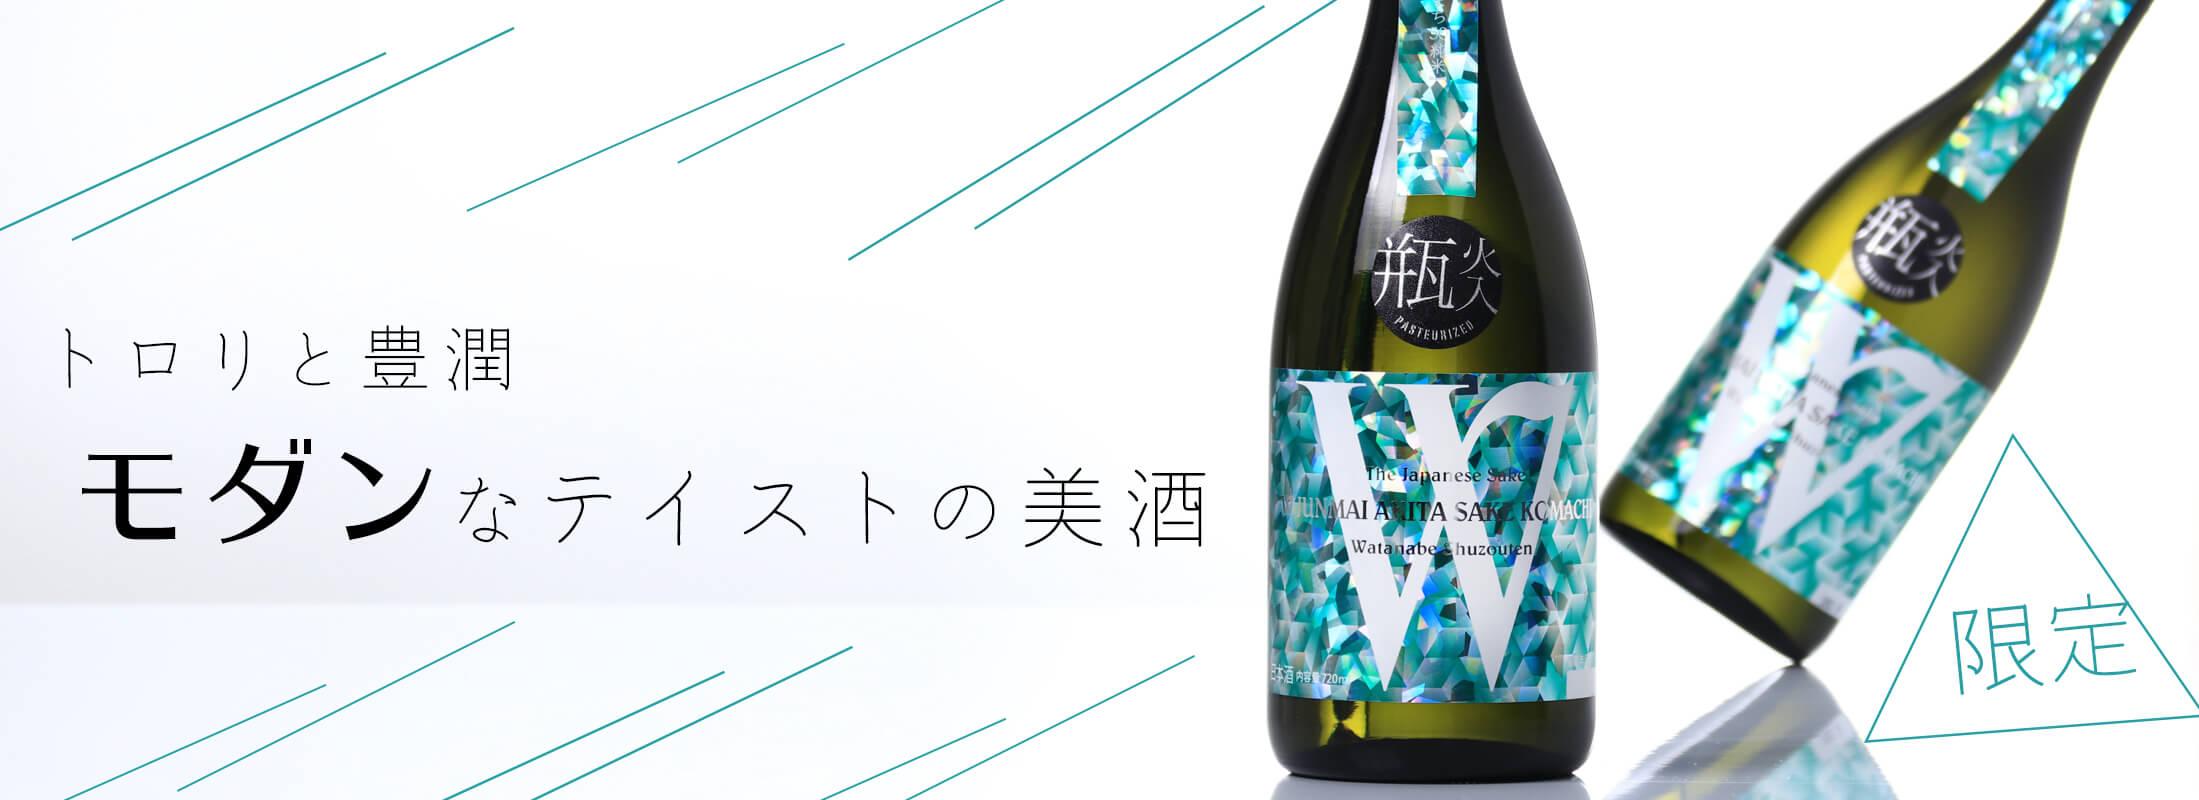 W 秋田酒こまち 50 火入